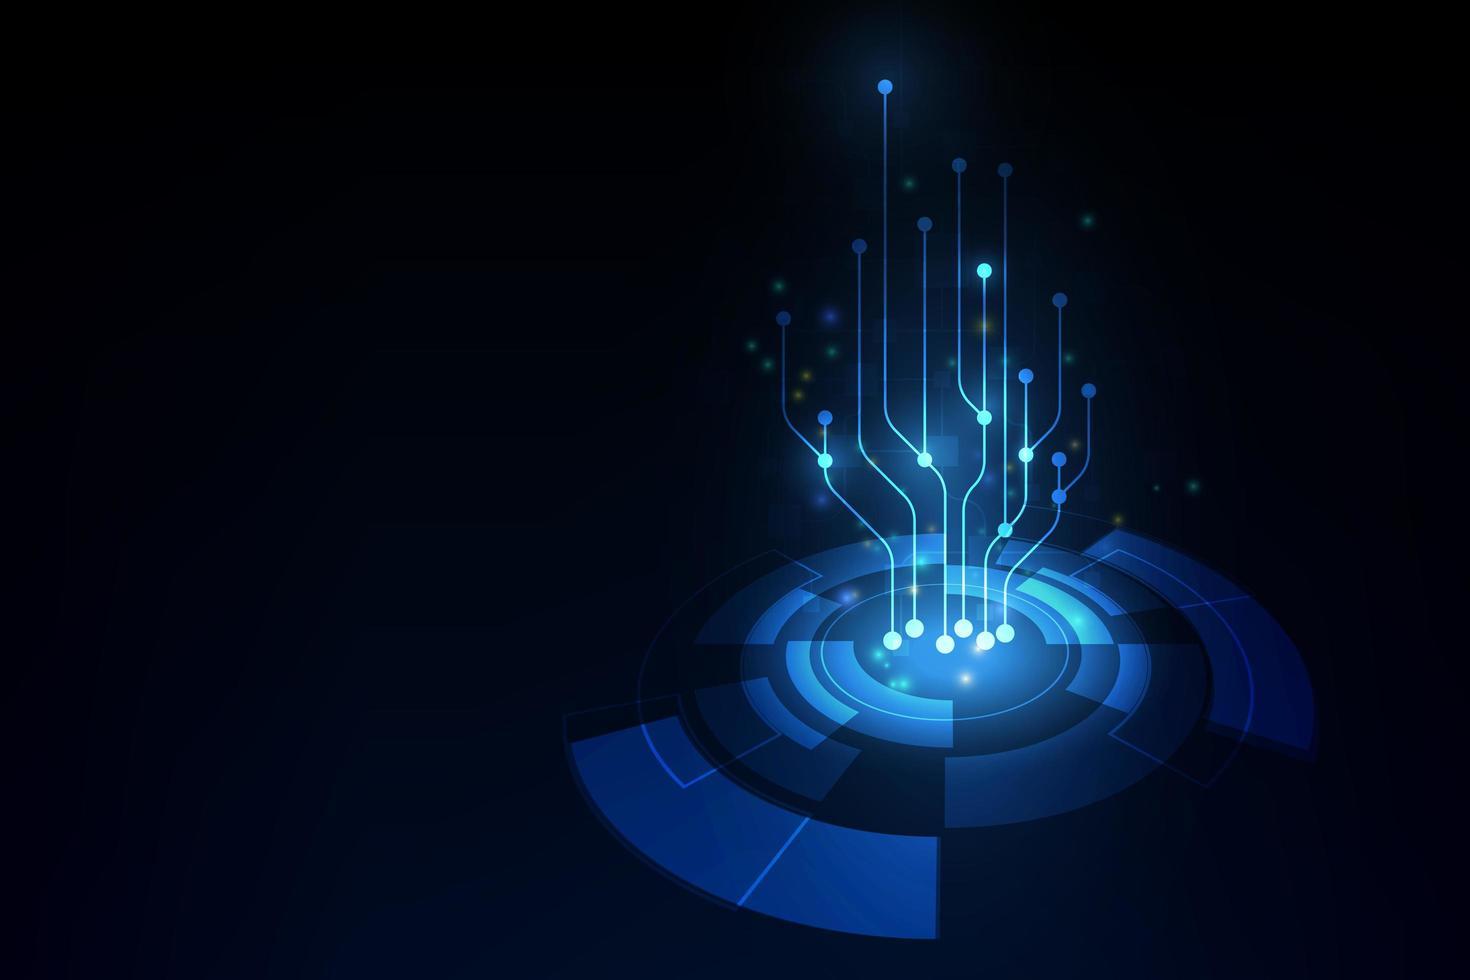 abstrakter Hintergrund mit blauer Hightech-Leiterplatte vektor